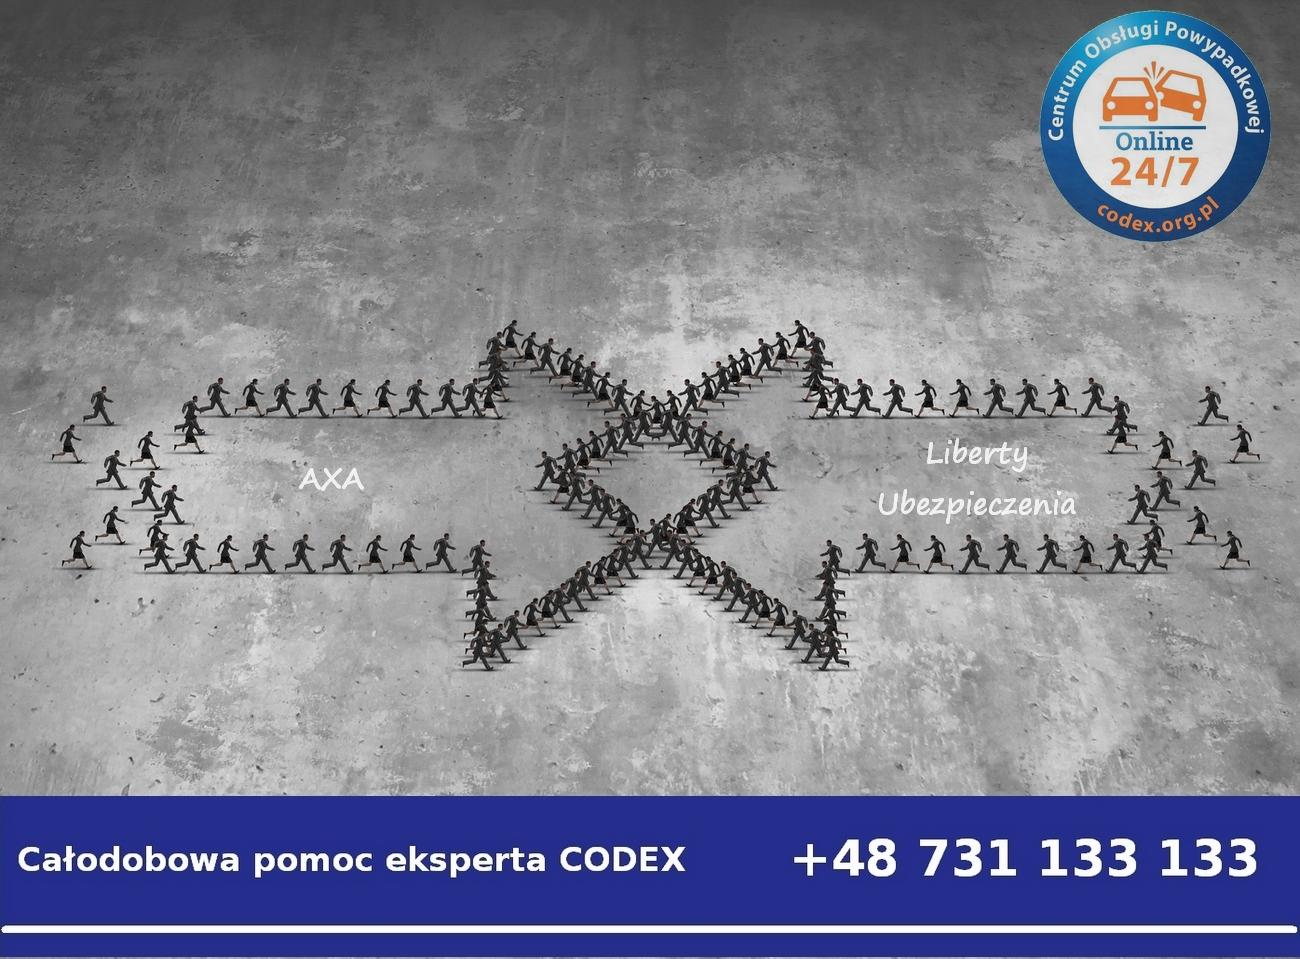 AXA przejmuje liberty ubezpieczenia przejęcia na polskim rynku ubezpieczeń